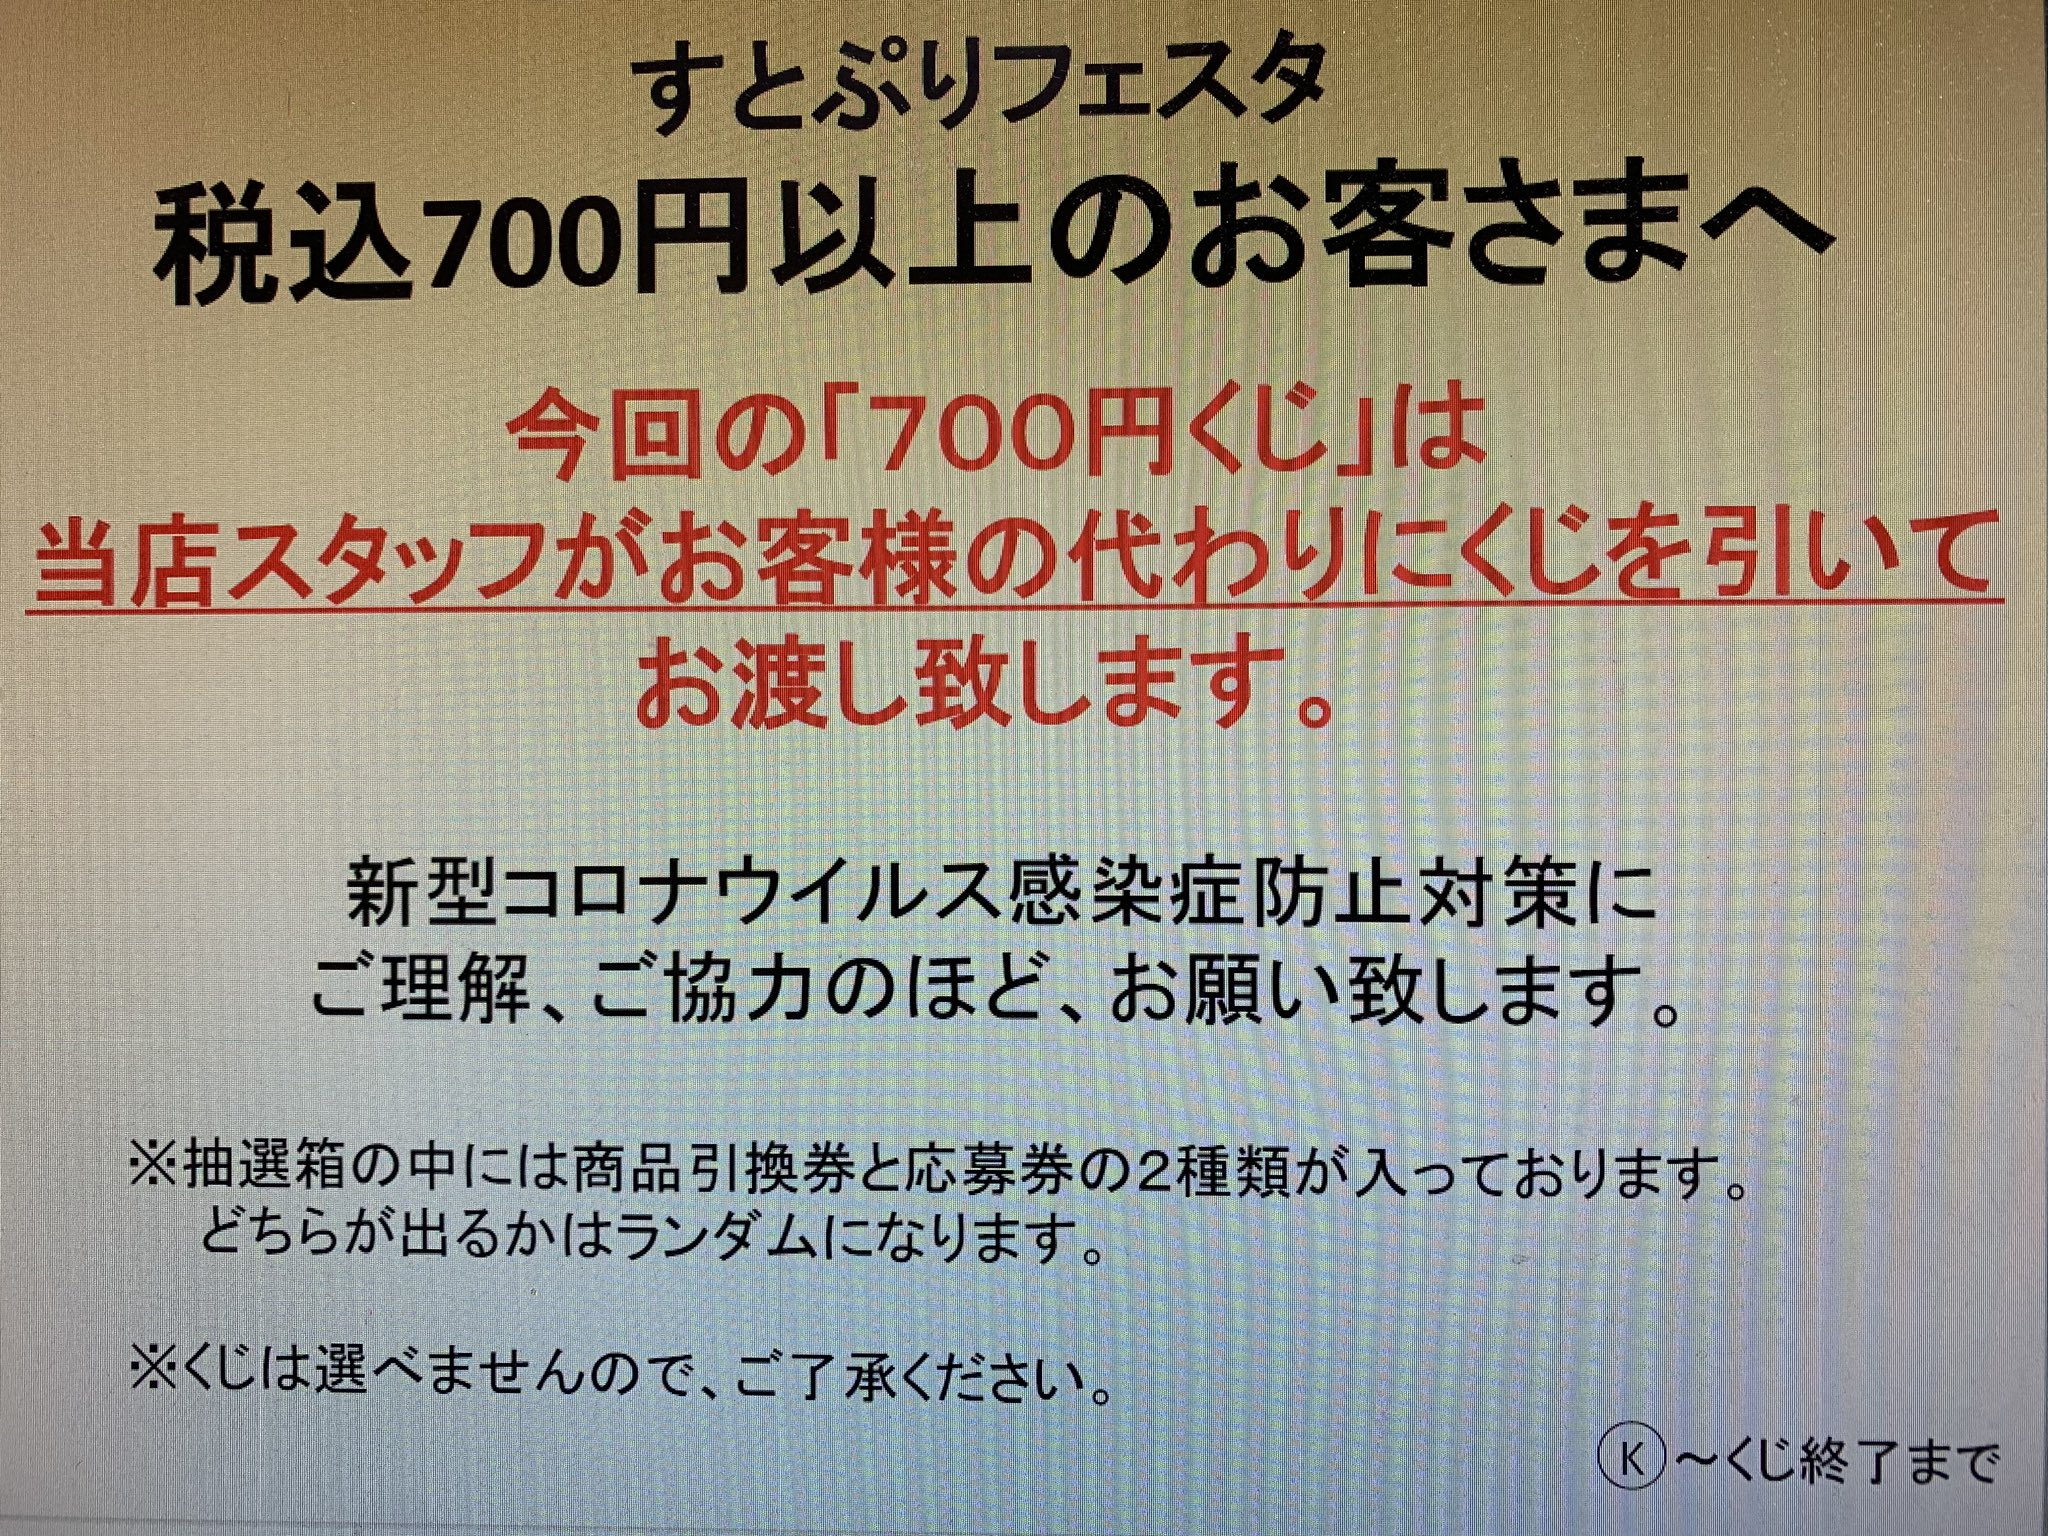 くじ 円 コンビニ 2020 700